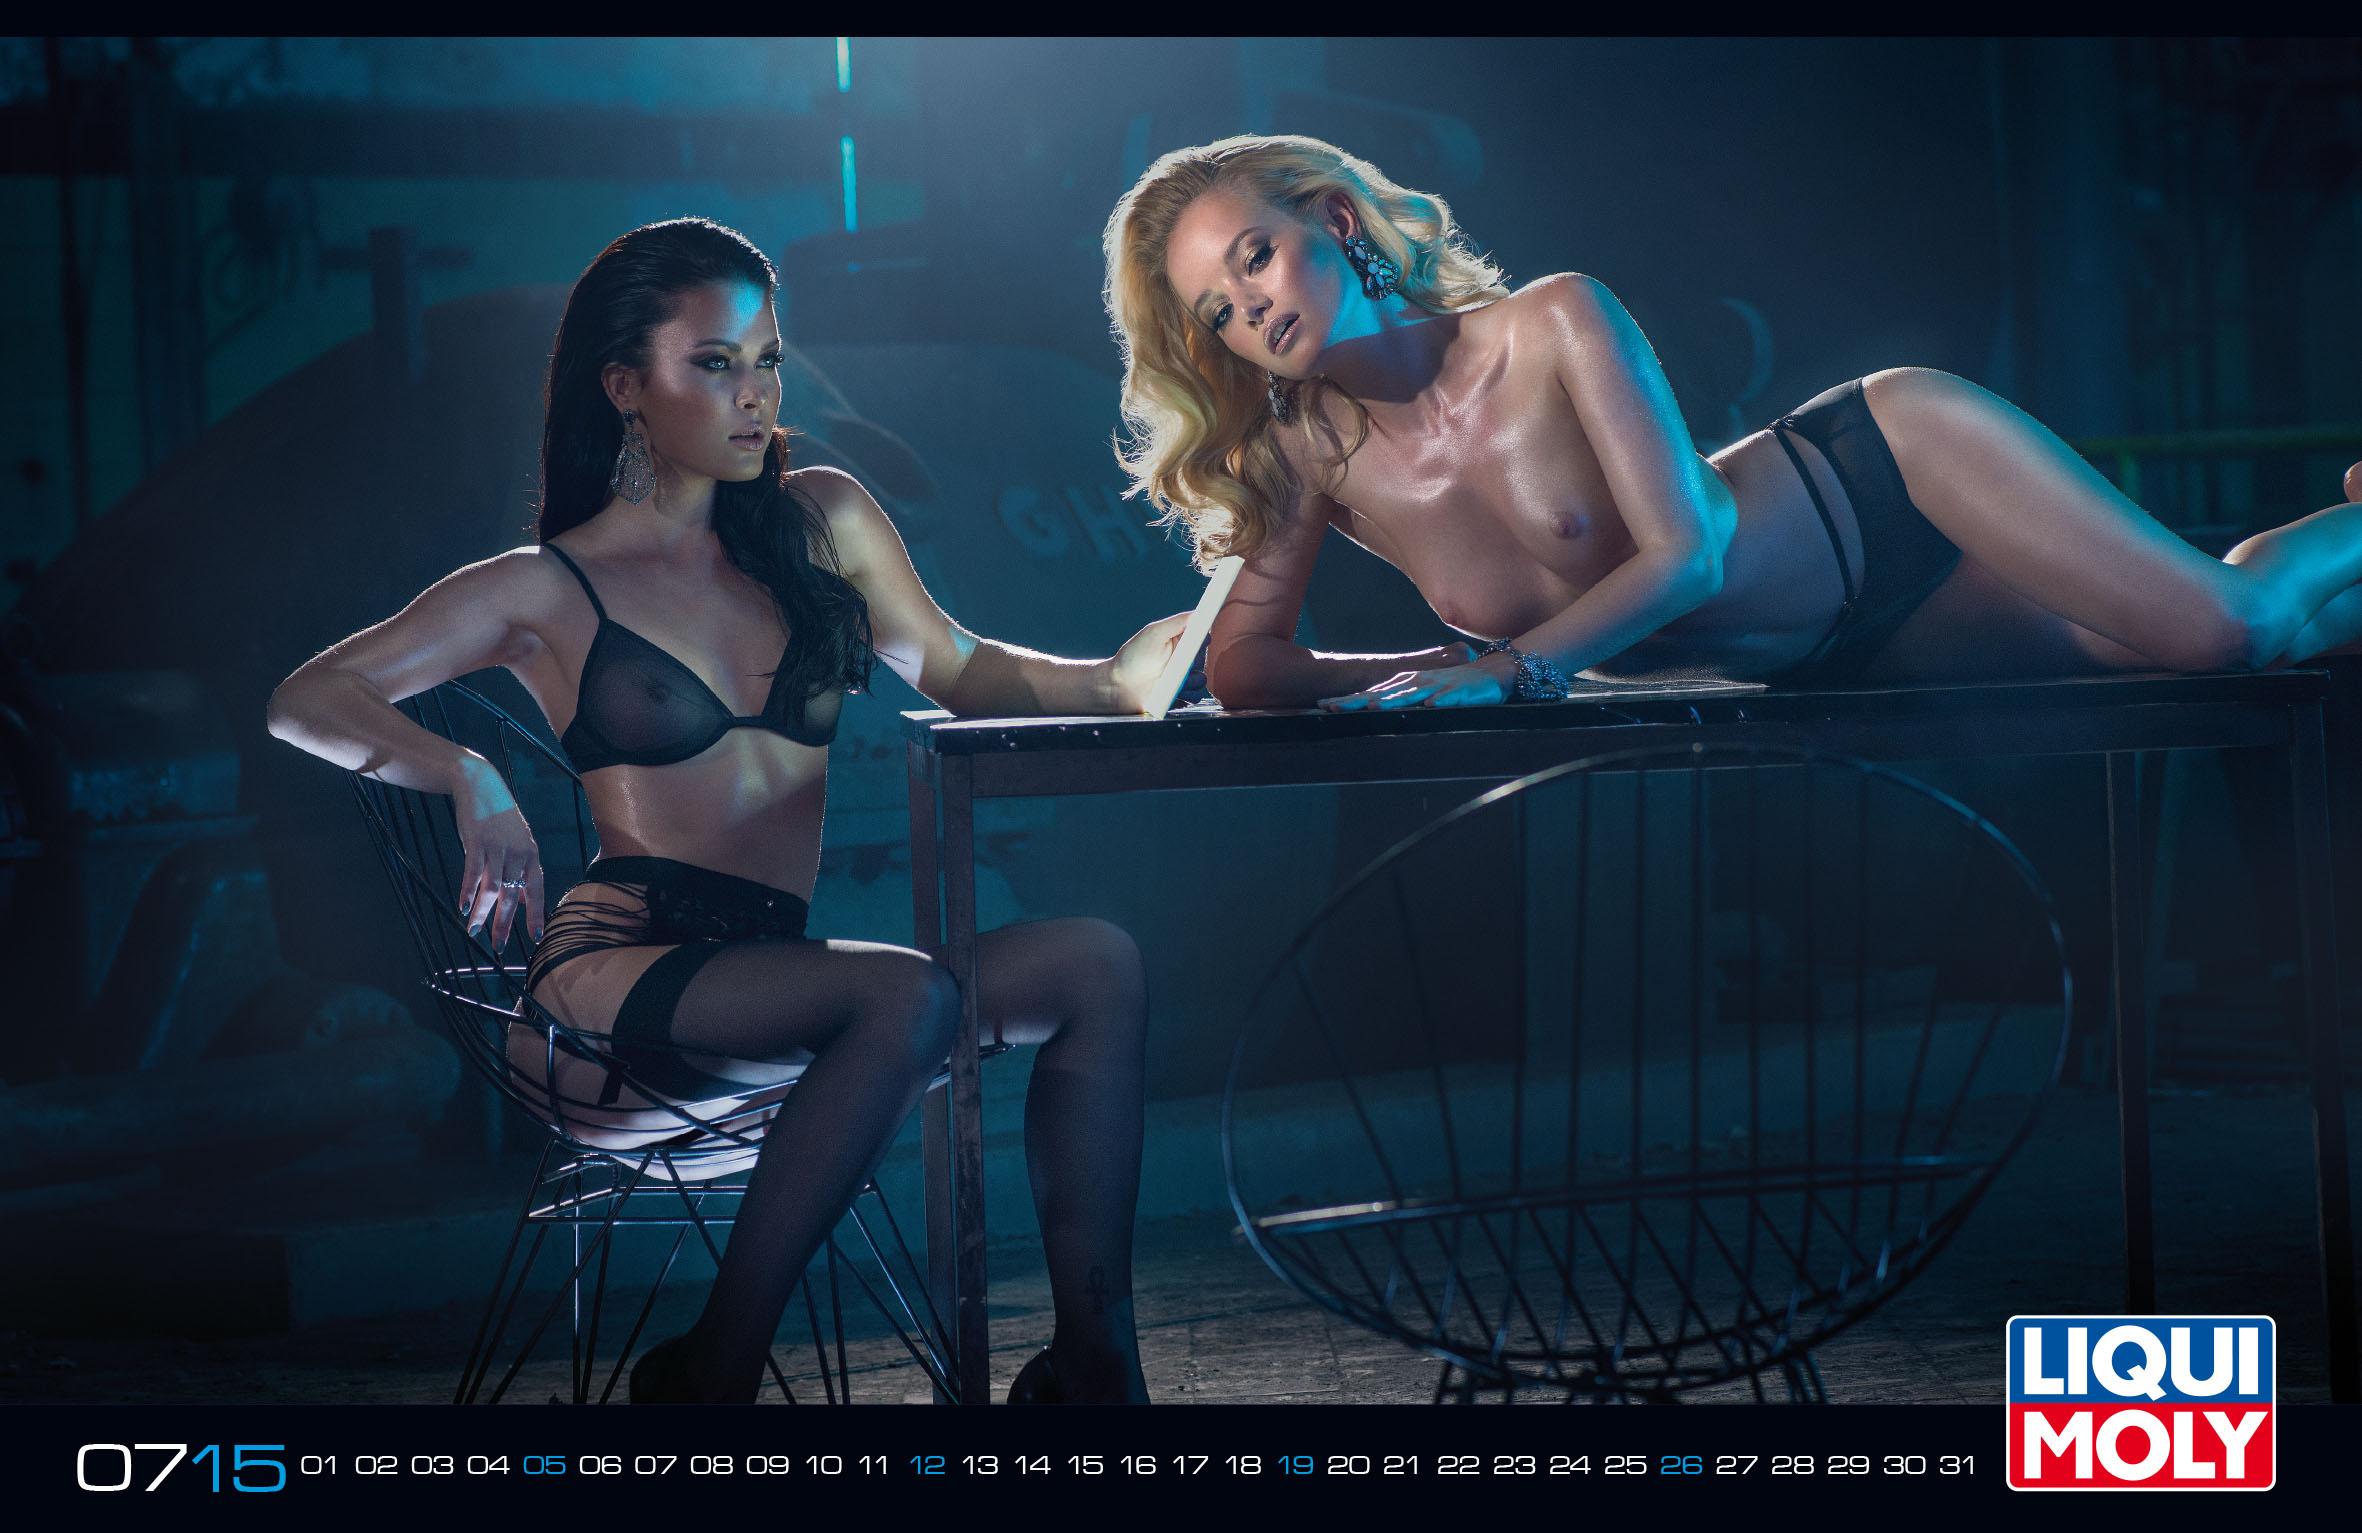 календарь сексуальных игр попьем, там